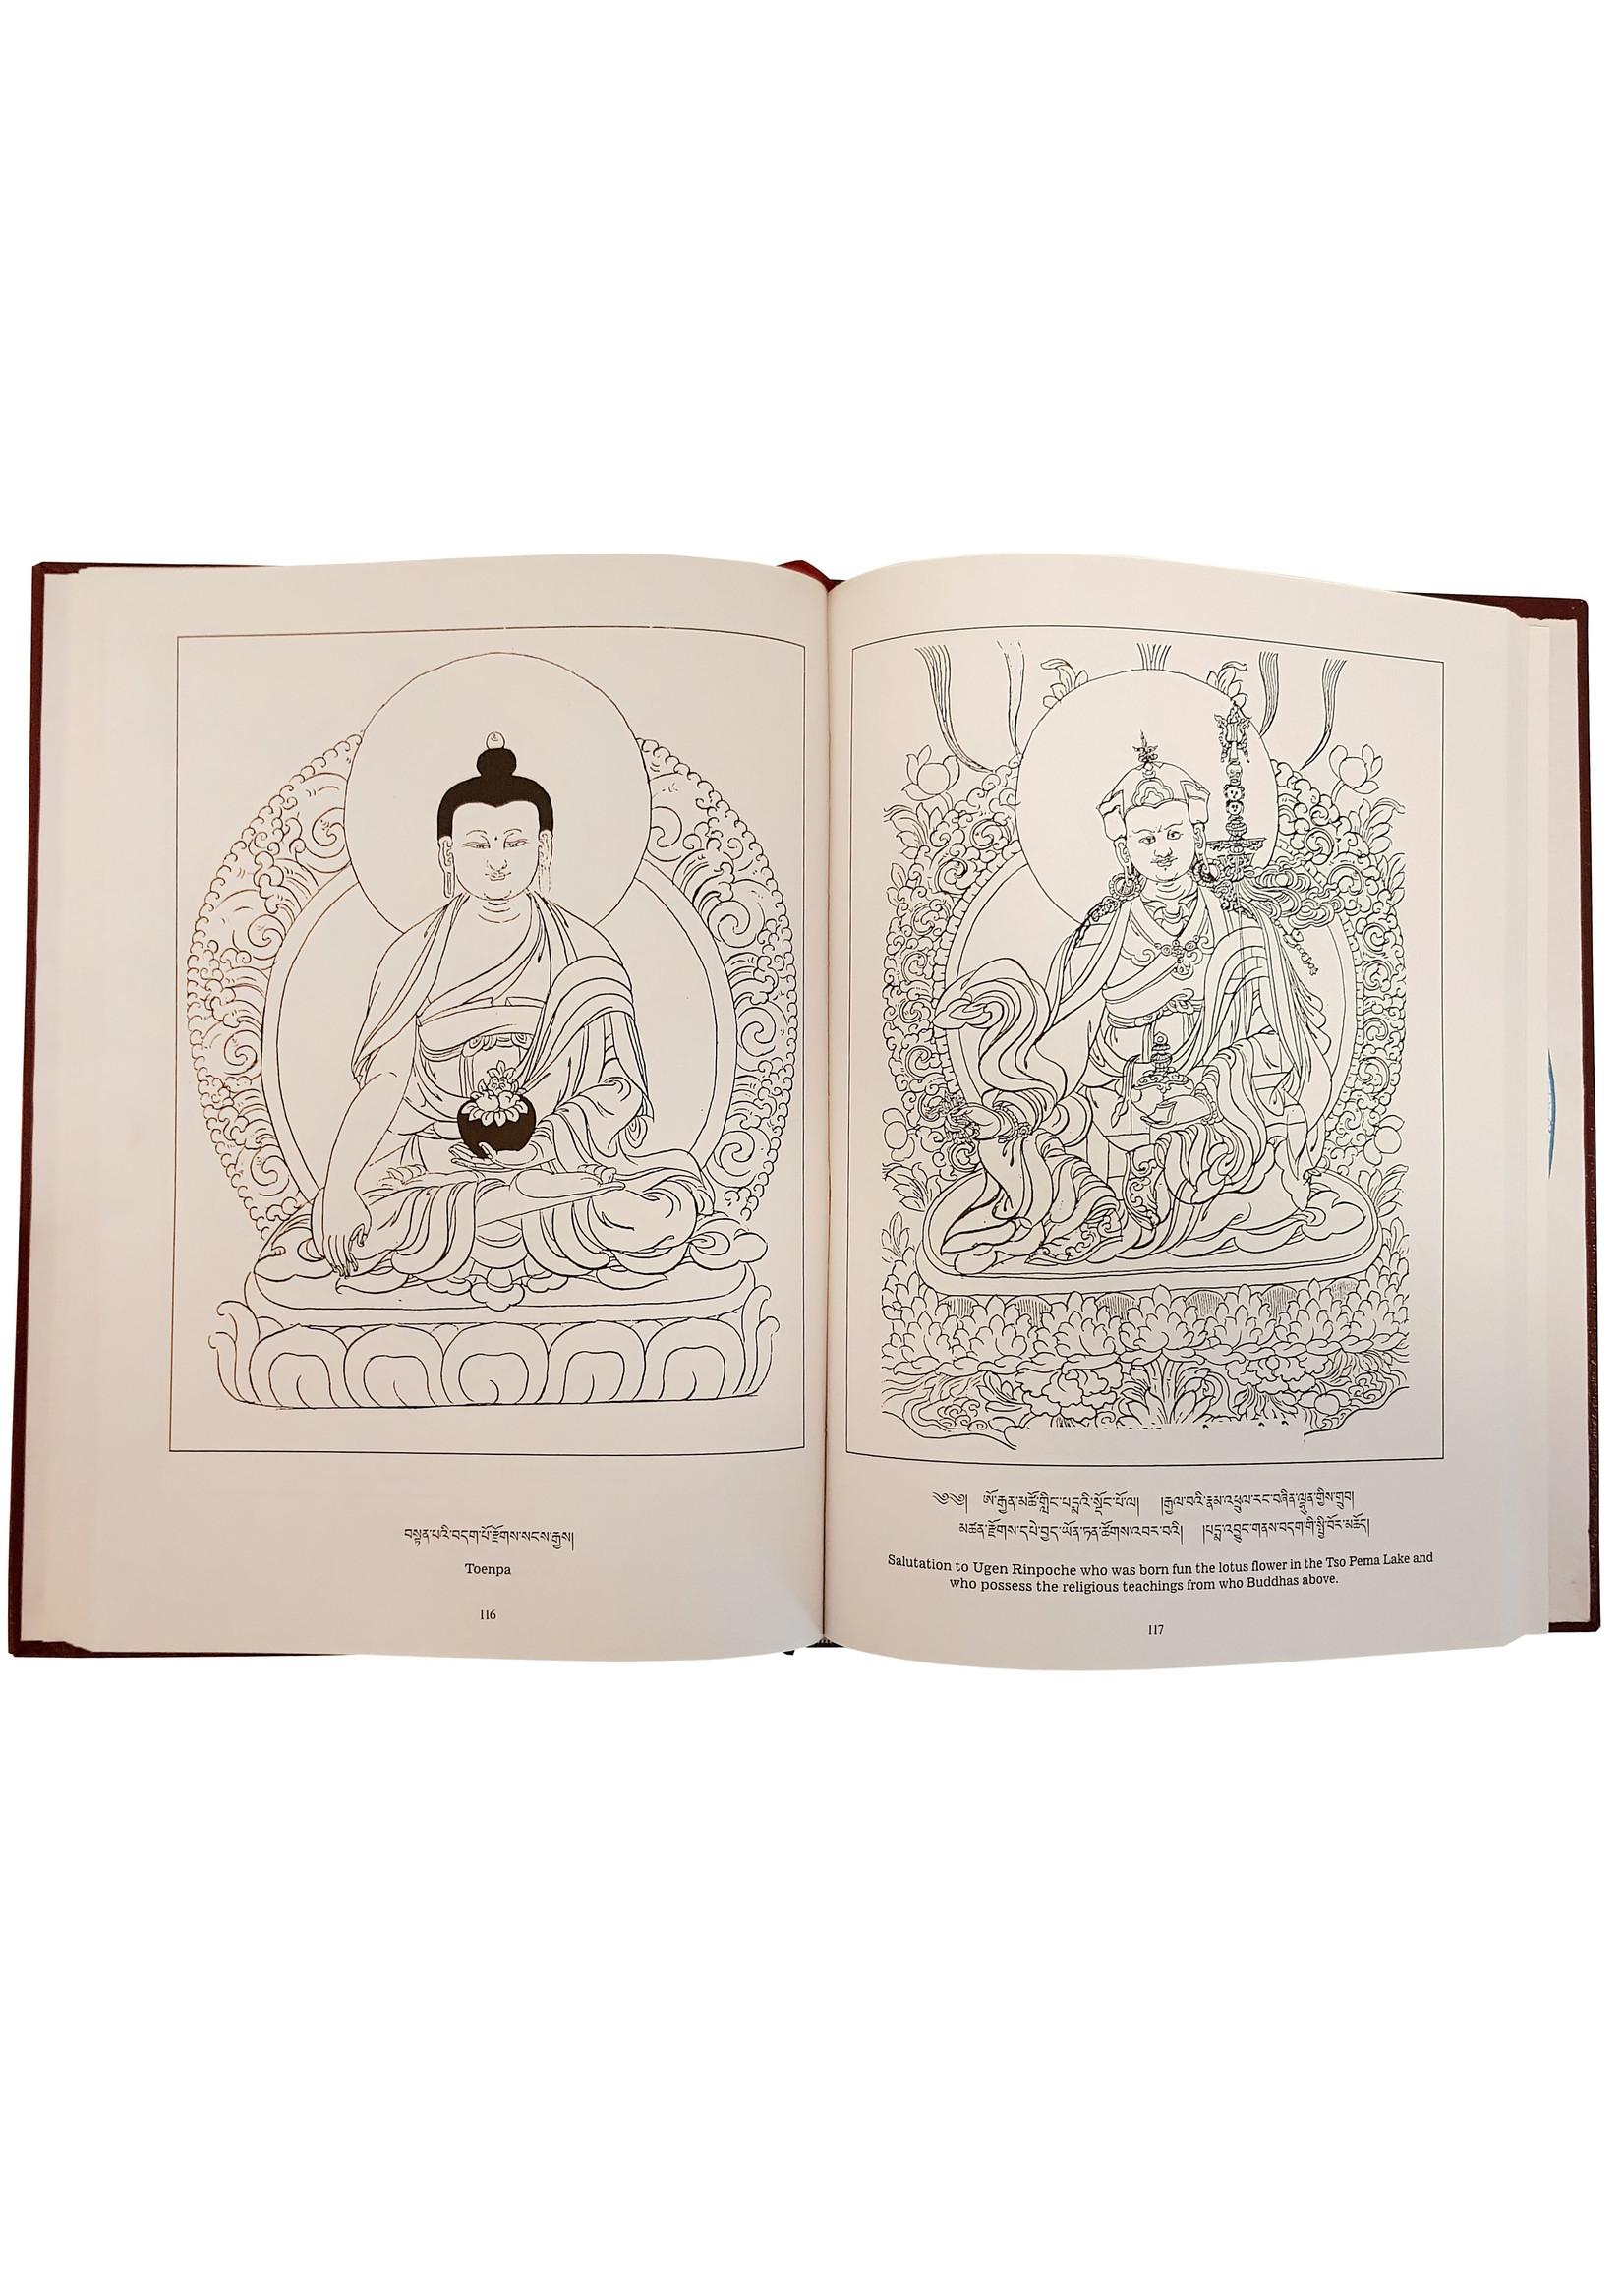 Das tibetische Buch für Thanka Malarei gemäss Tsang-Pa Tradition des Tibets